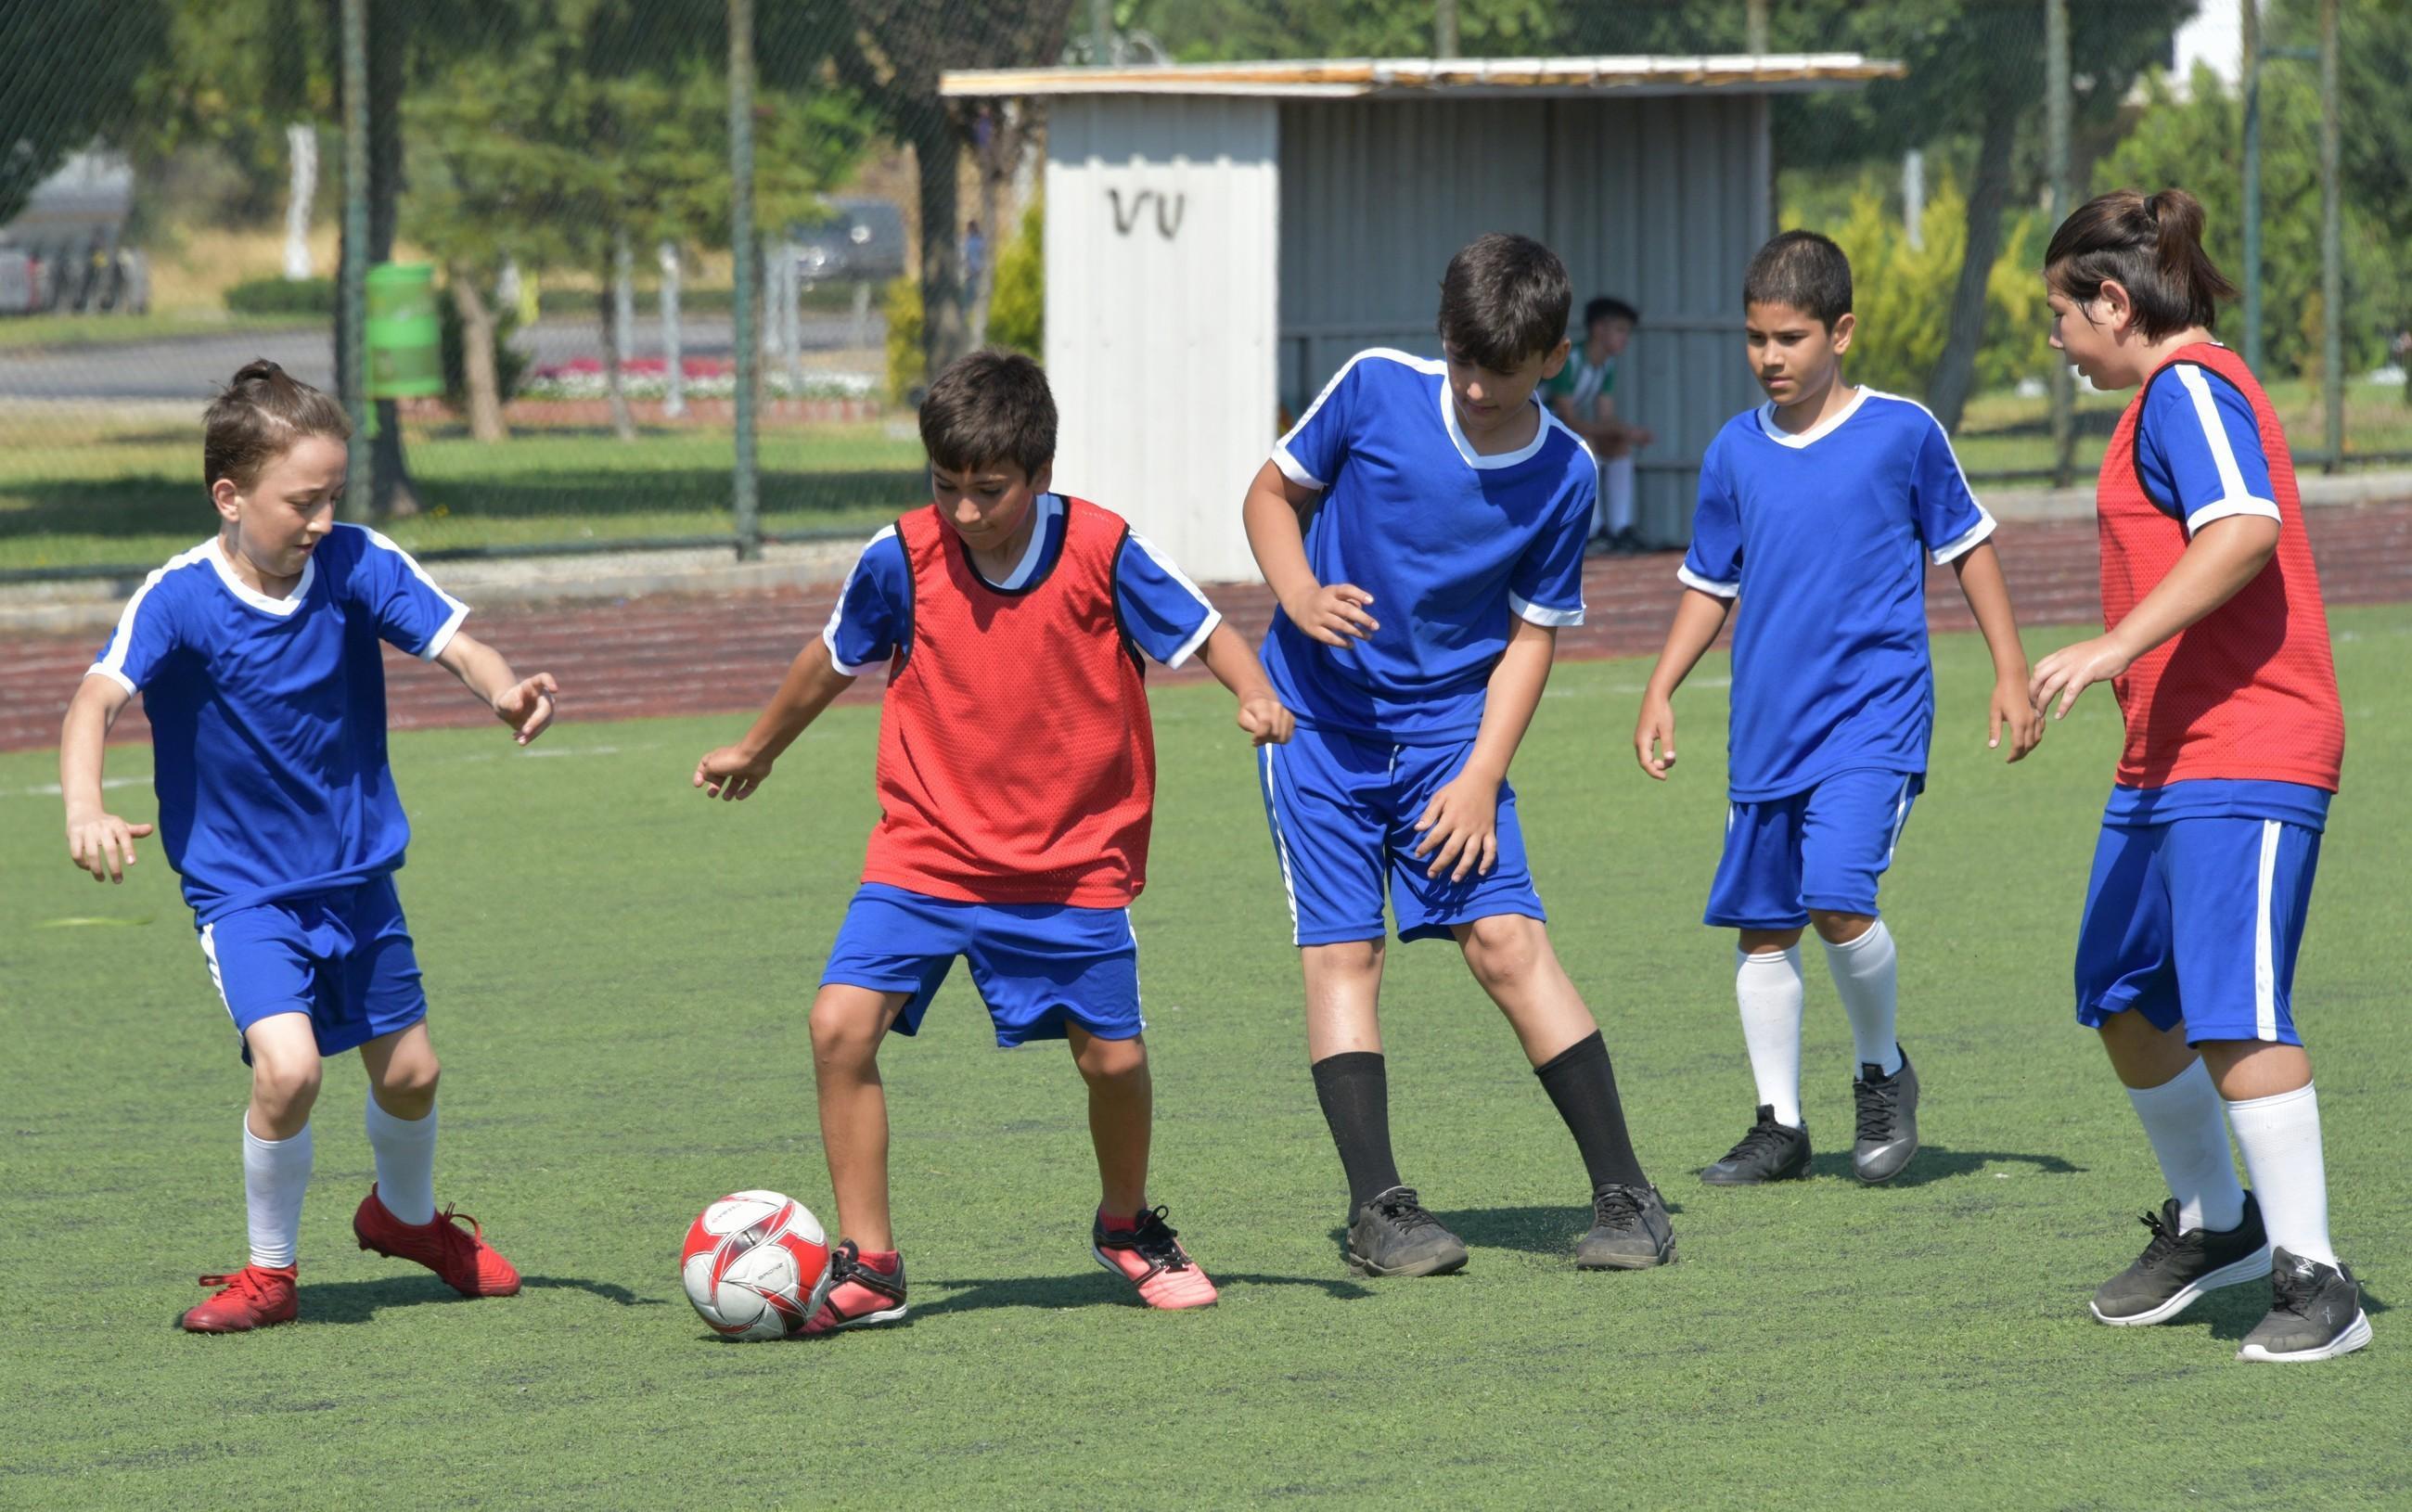 Aliağa Belediyesi Kış Spor Okullarına başvurular-basladi-1-gazete-yenigun